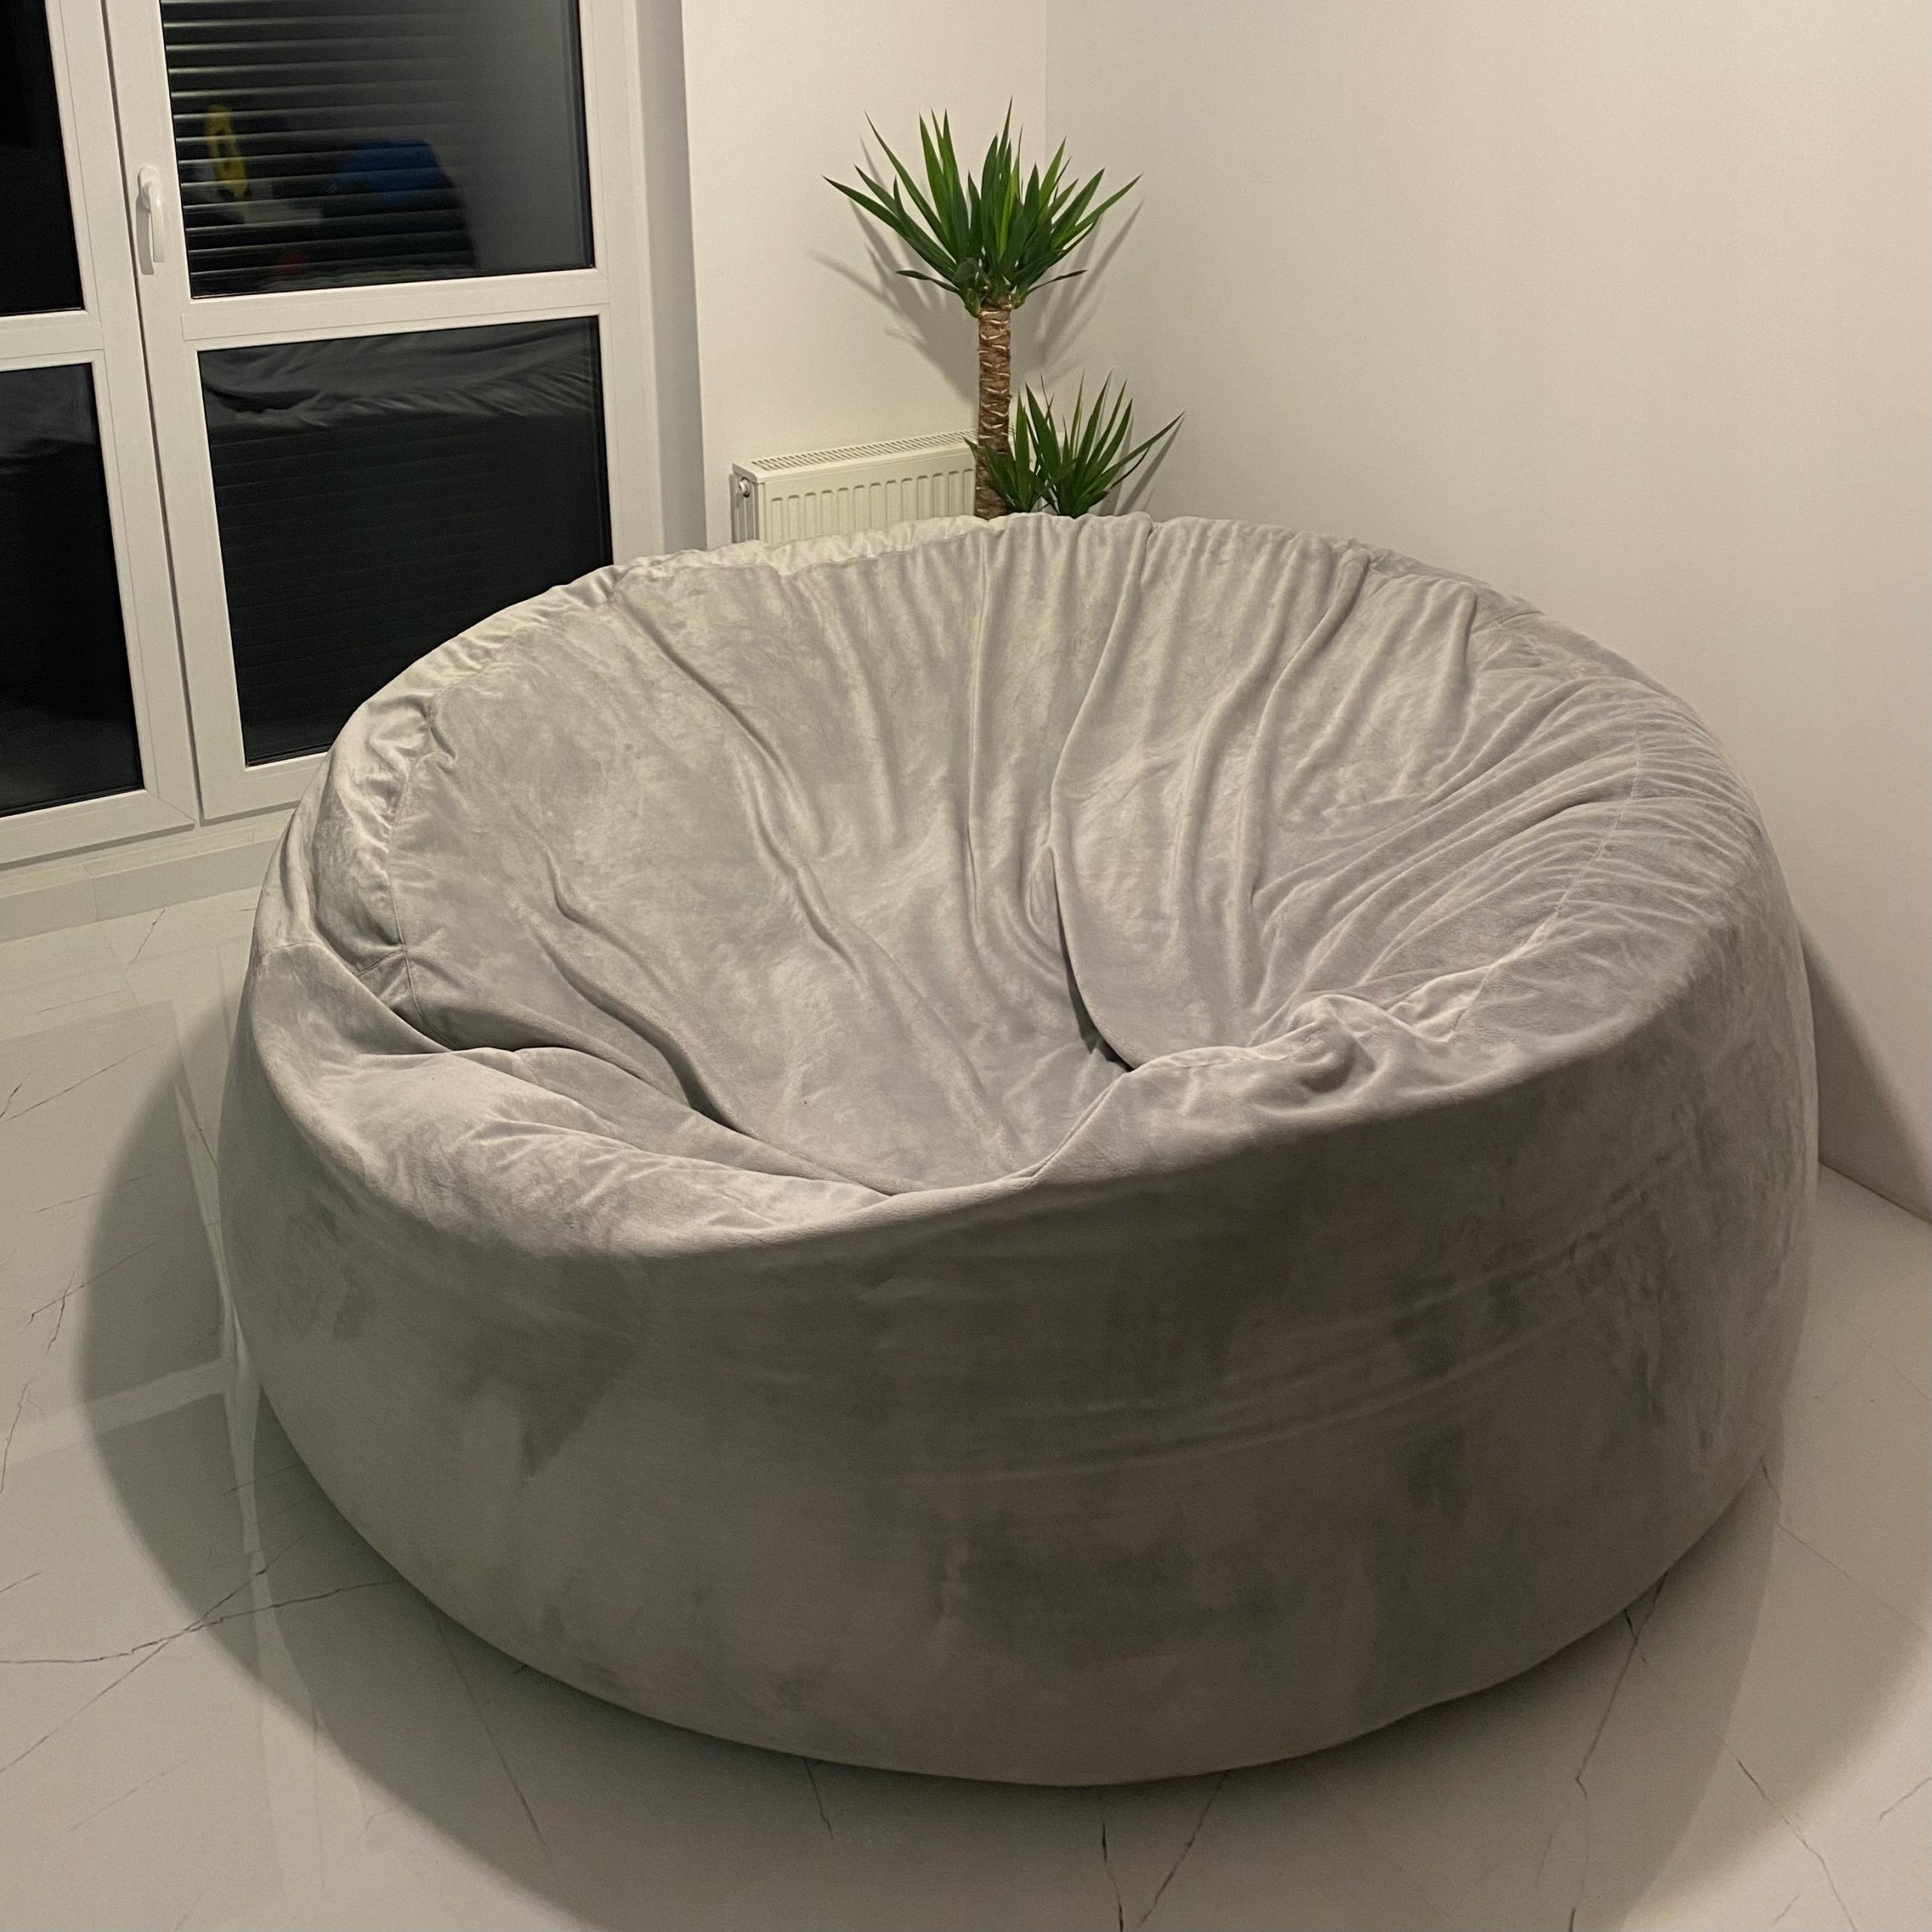 Гигантский пуф 180 см сиденье-мешок